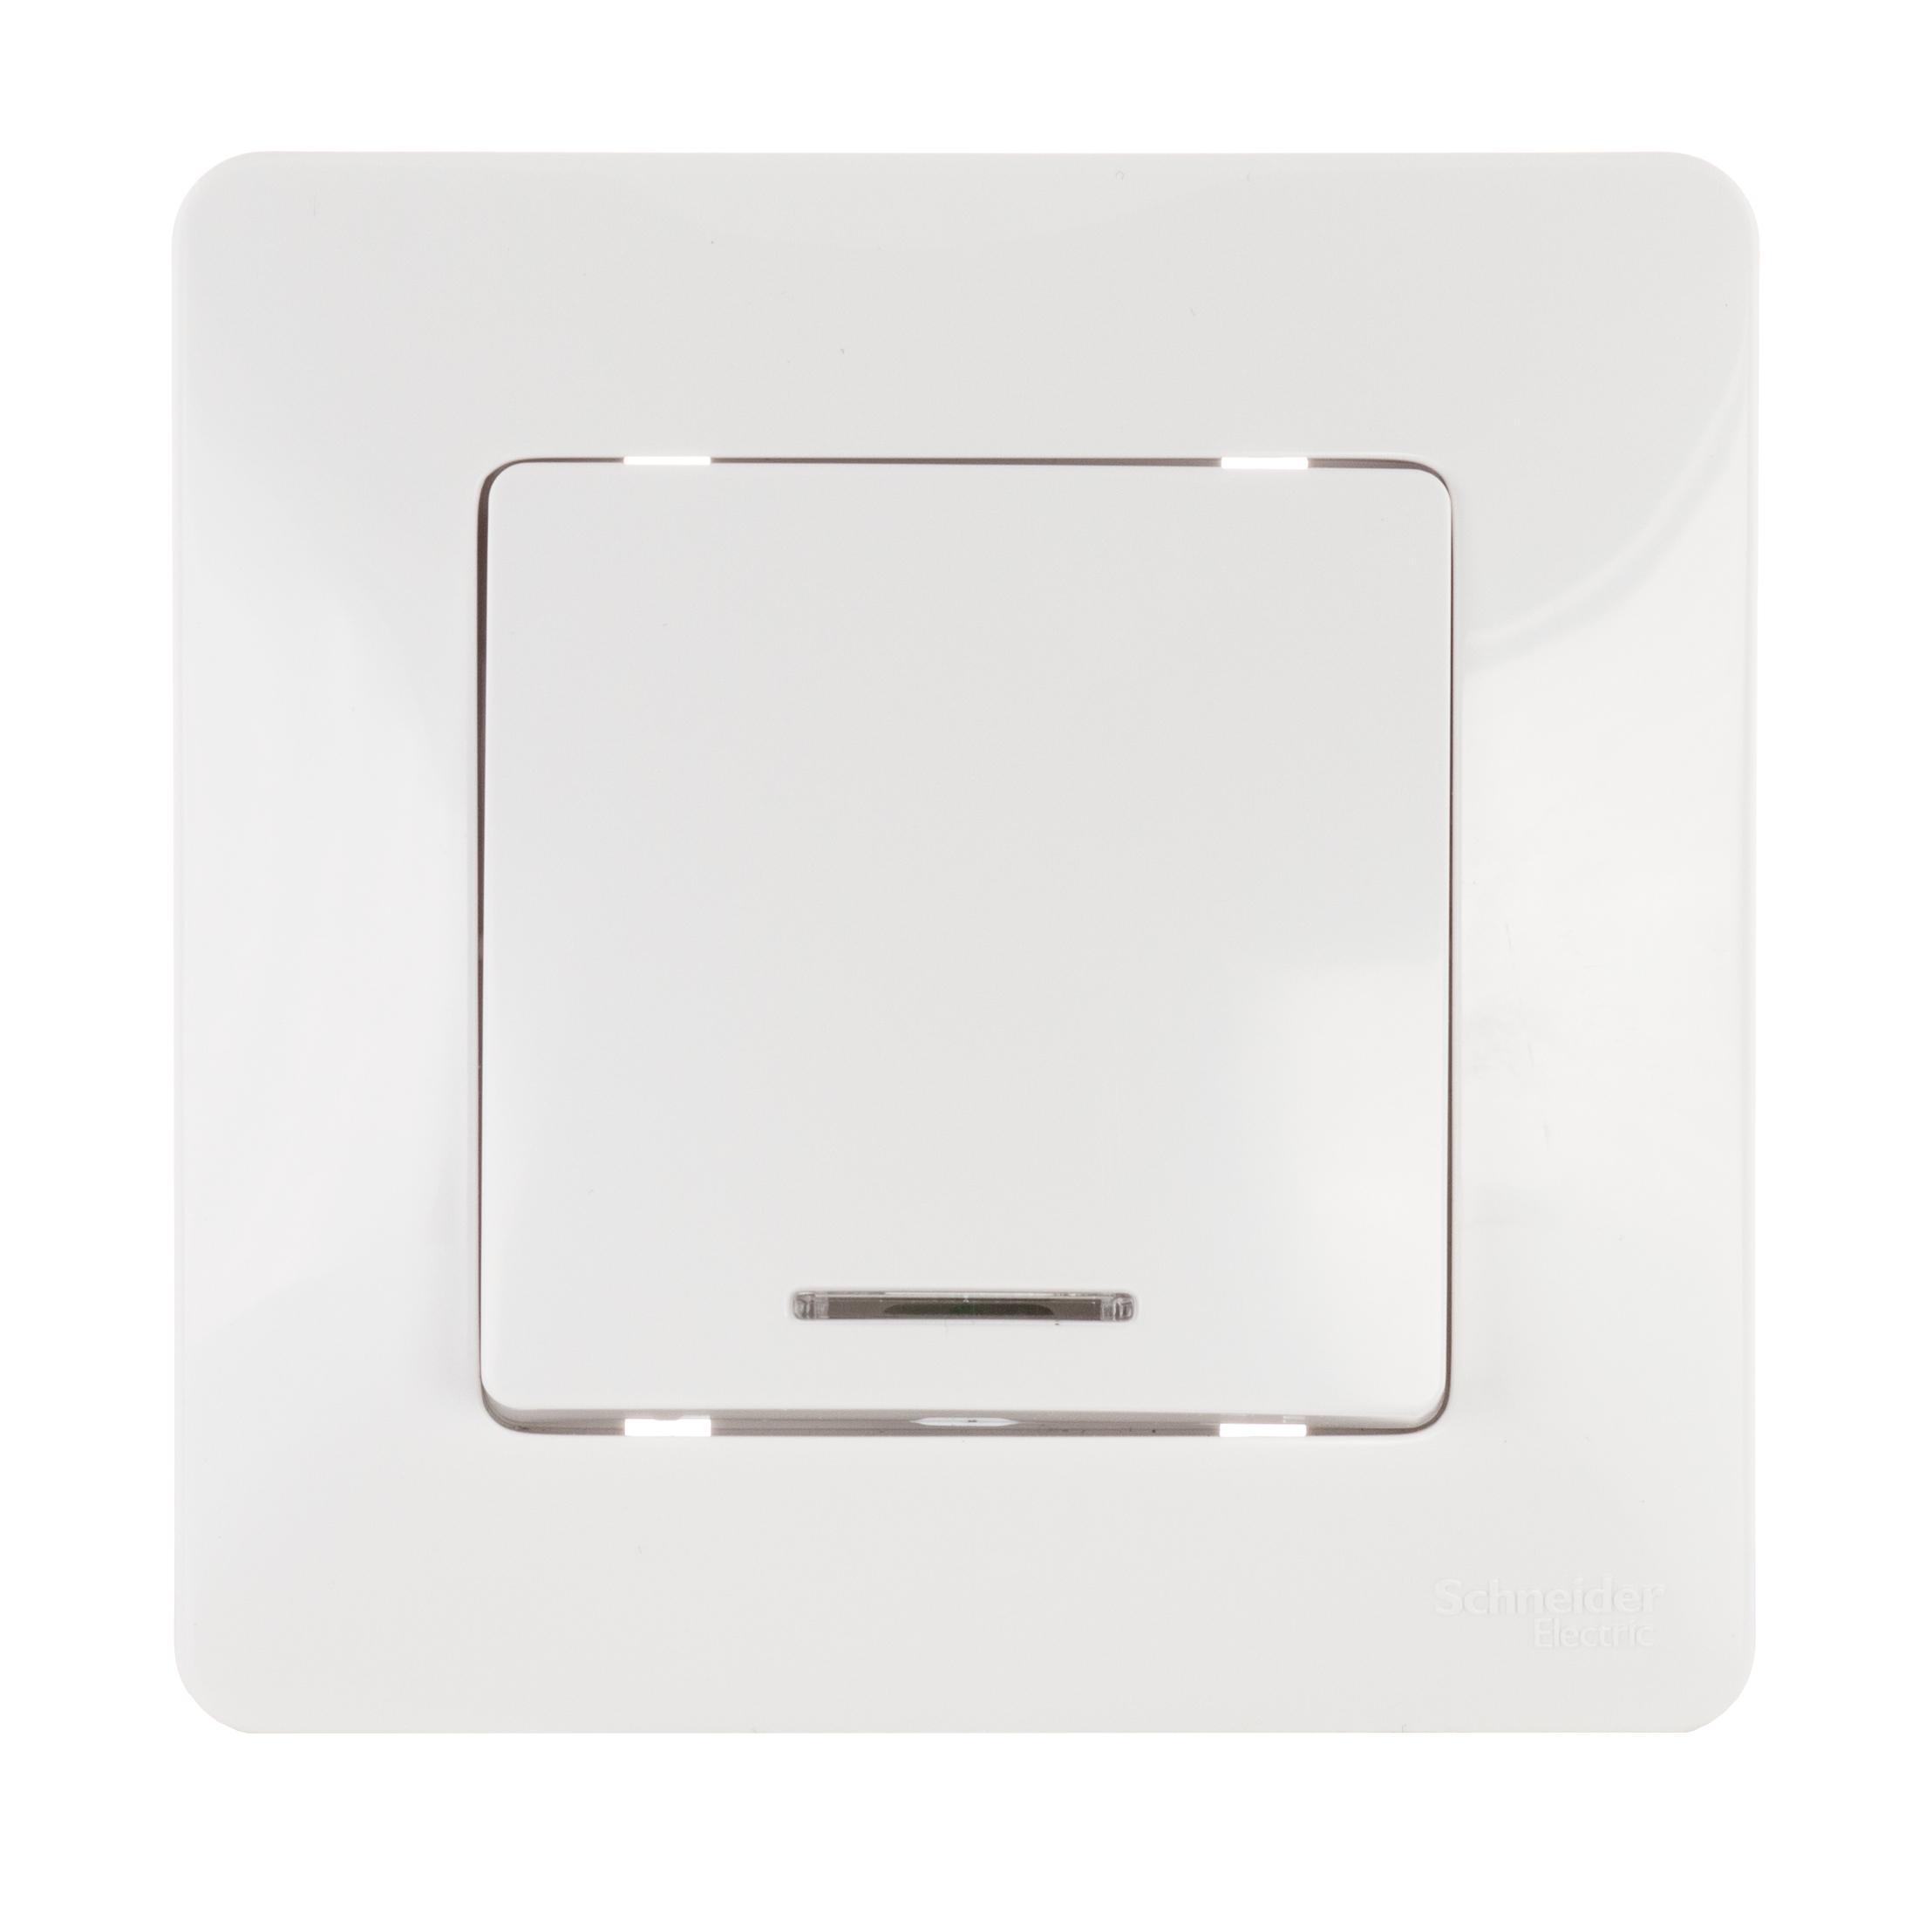 Выключатель Schneider electric Blnvs010111 blanca выключатель schneider electric blnva101013 blanca